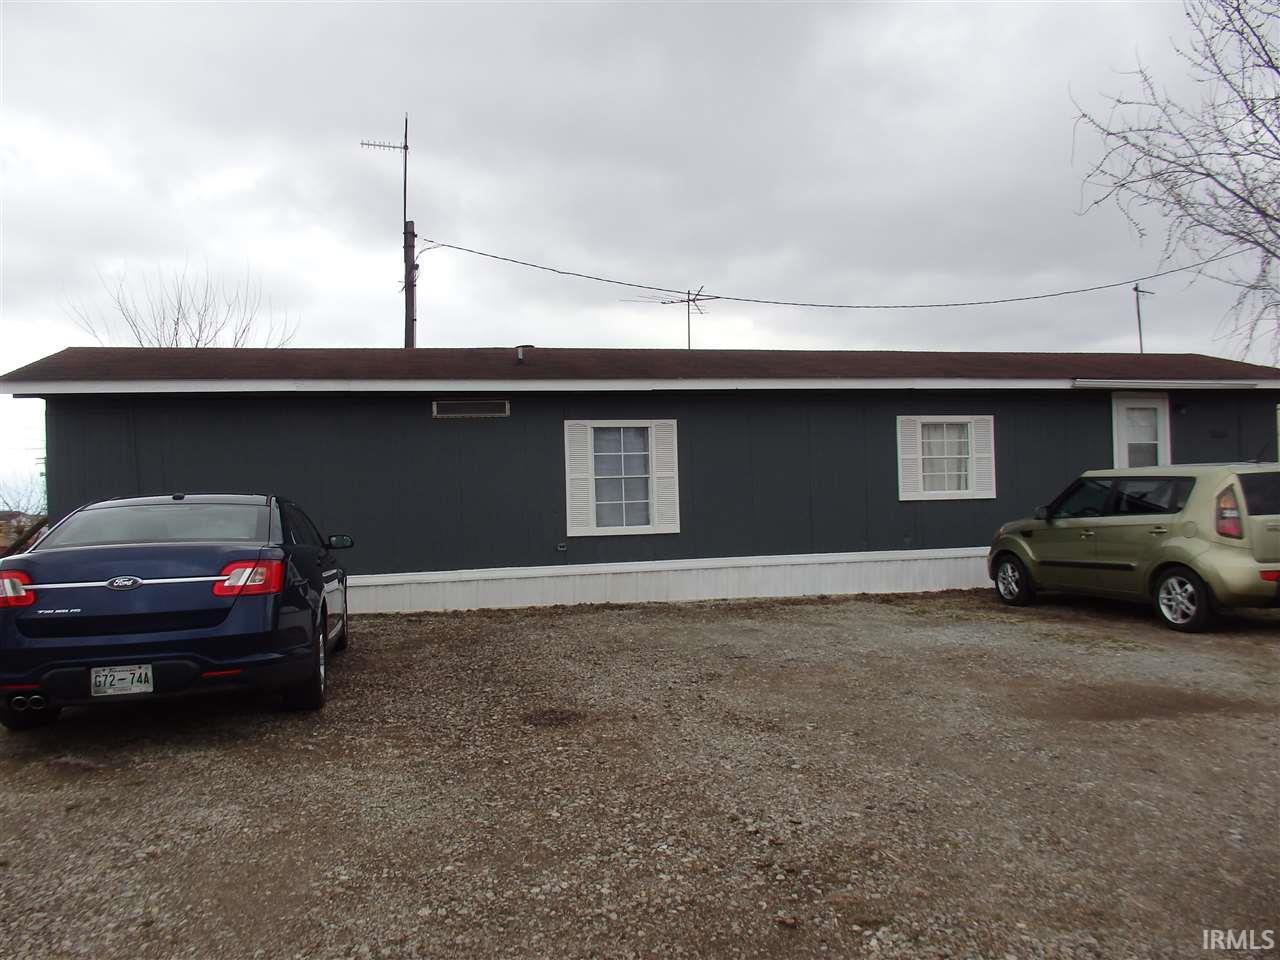 500 N Perry St., Kirklin, IN 46050